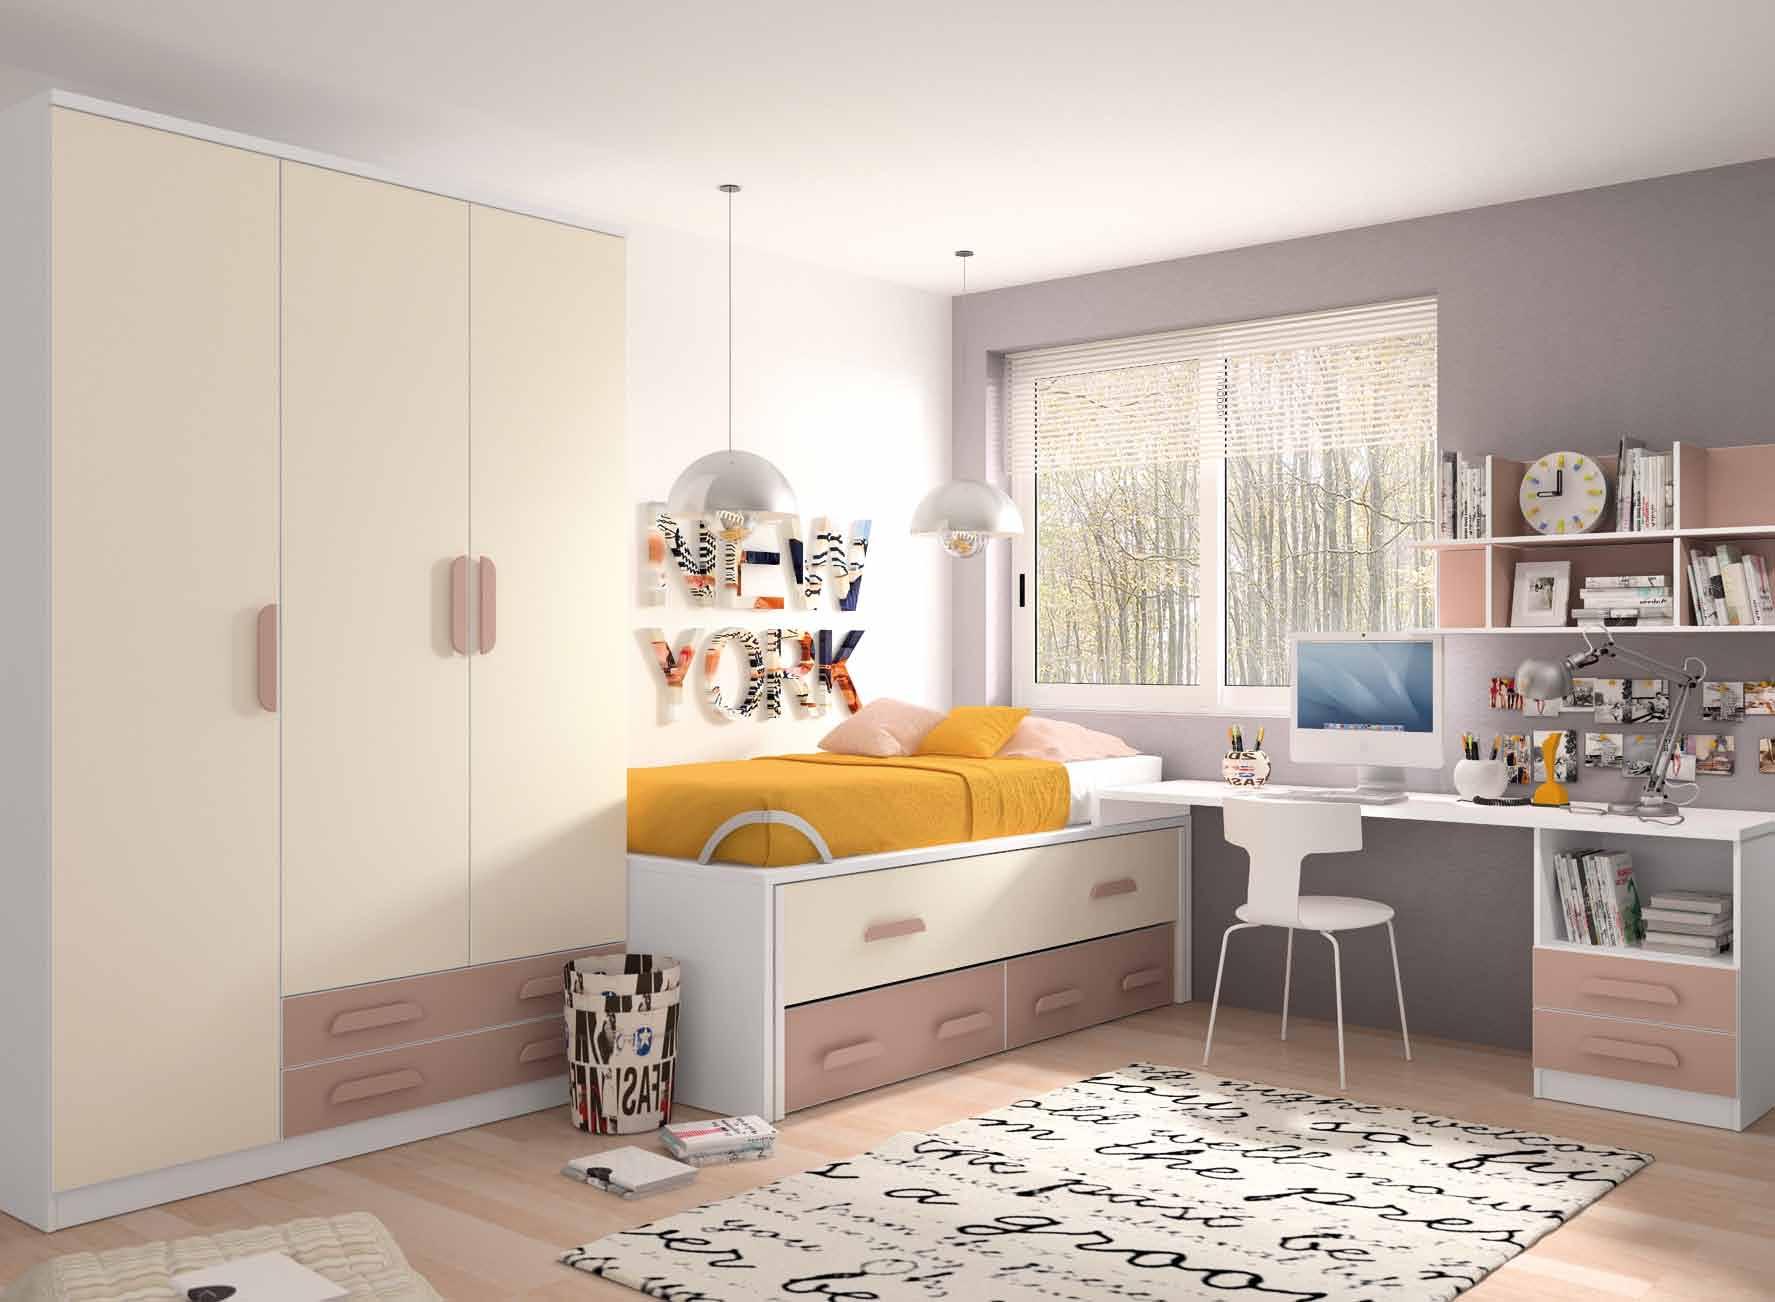 Dormiorio juvenil completo - Muebles Adama Tienda de muebles en madrid